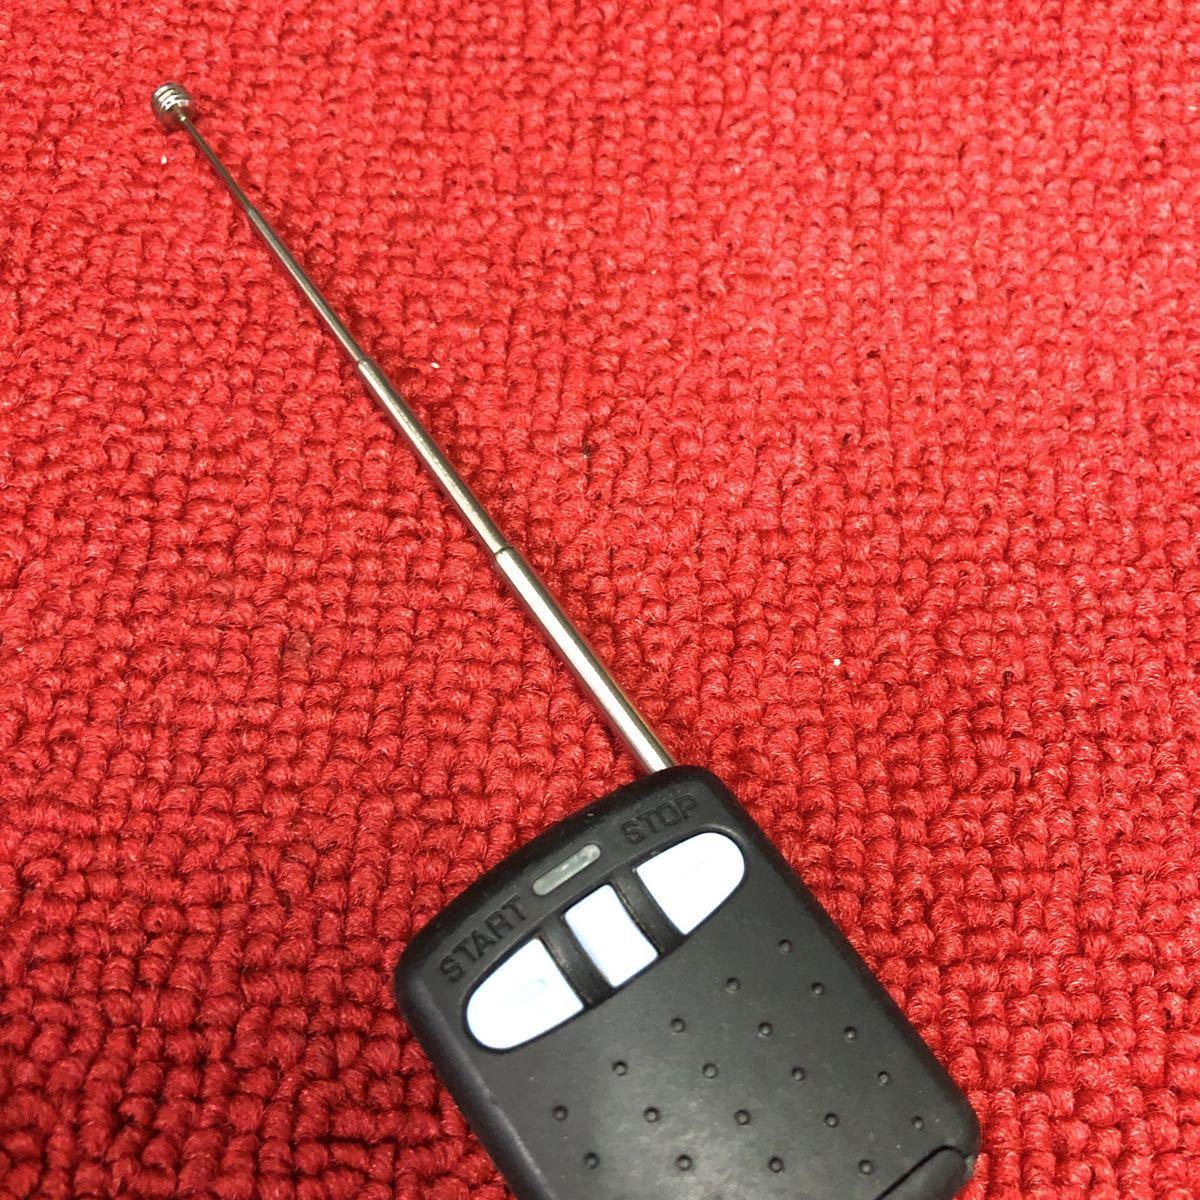 日産 純正 MSX06 カルソニックカンセイ エンジンスターター リモコン 作動確認済 HH499_画像3